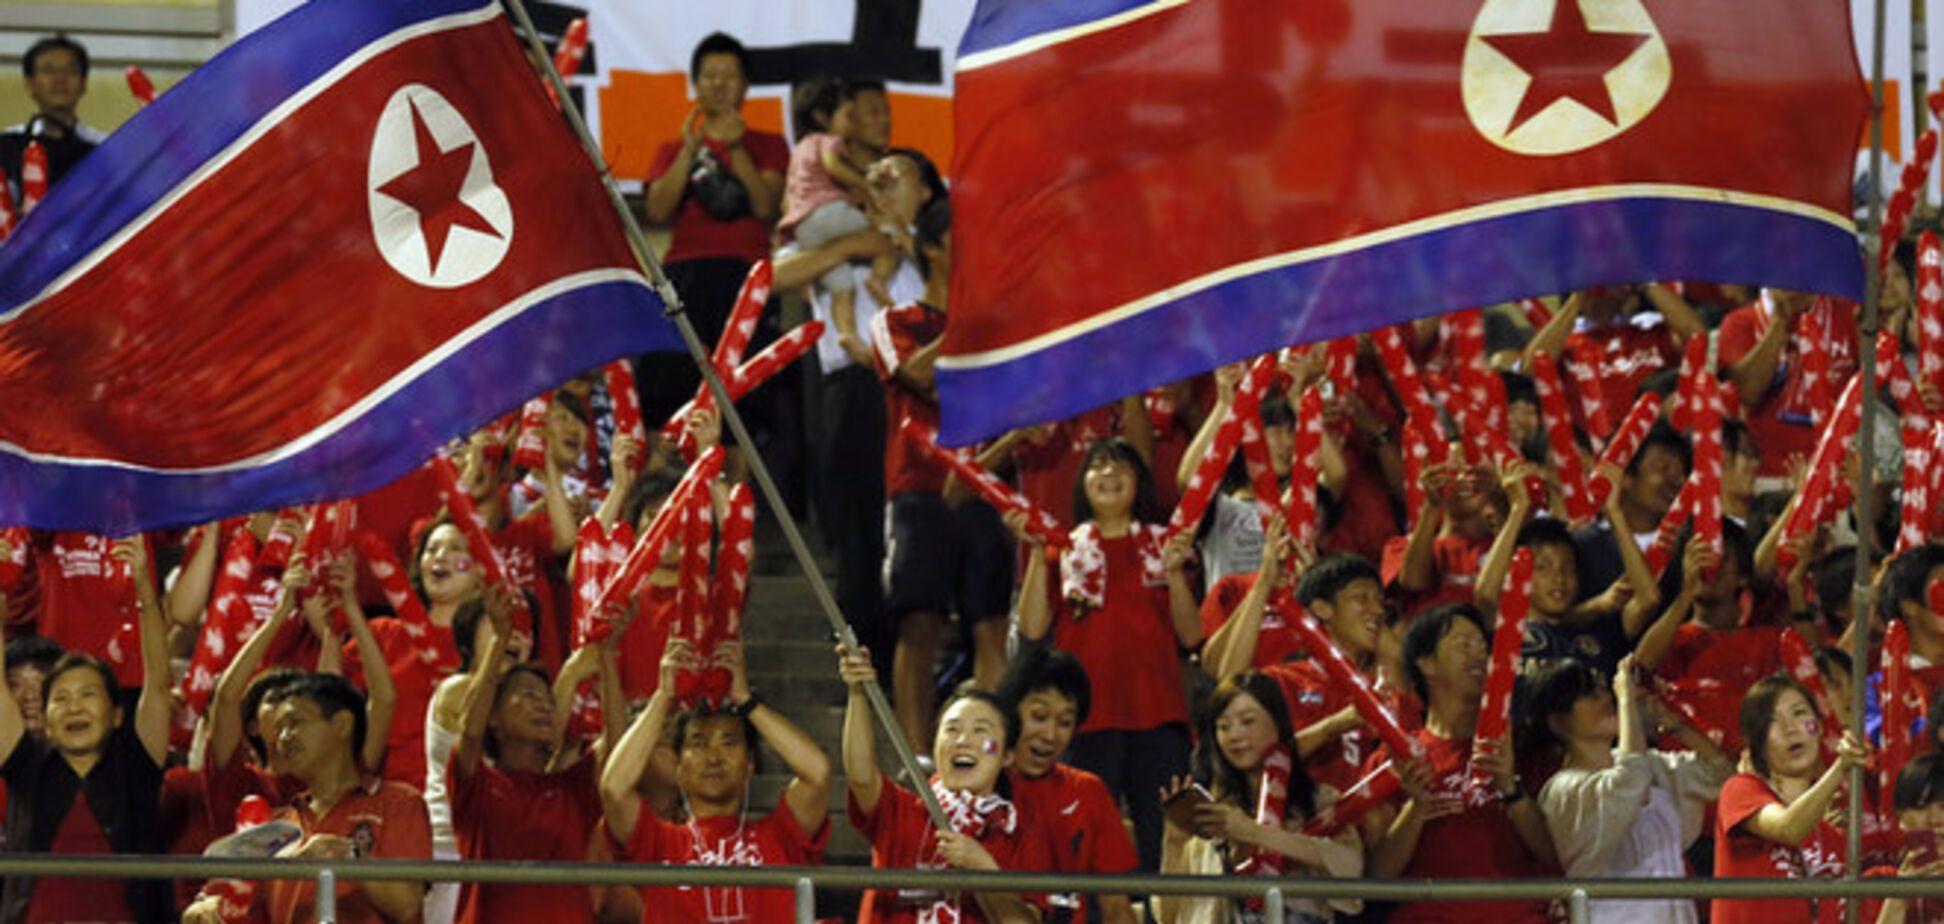 Сборную КНДР поздравили с 'победой' на ЧМ-2014